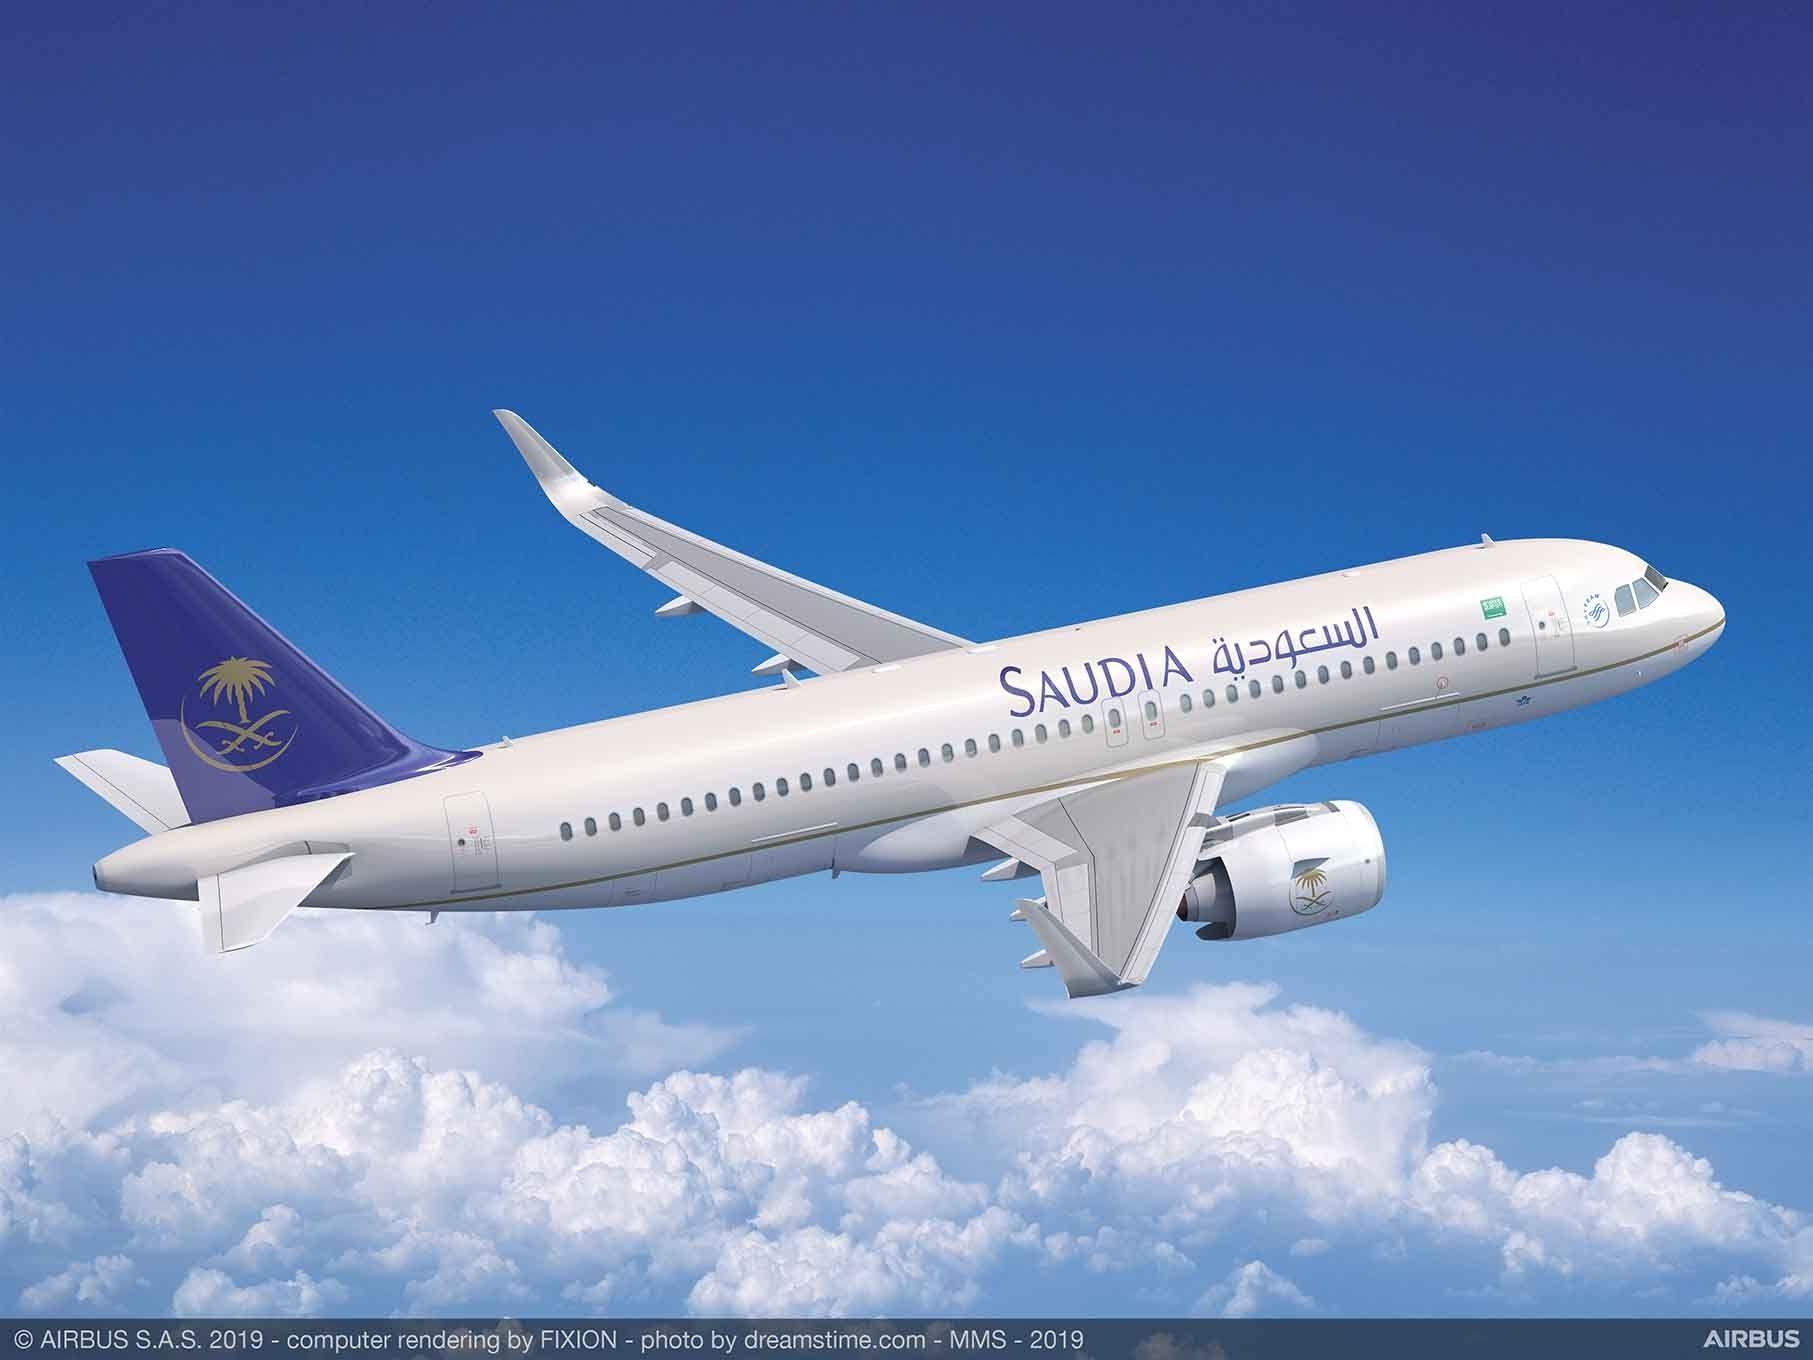 沙特阿拉伯航空将其A320neo机队规模提升至100架